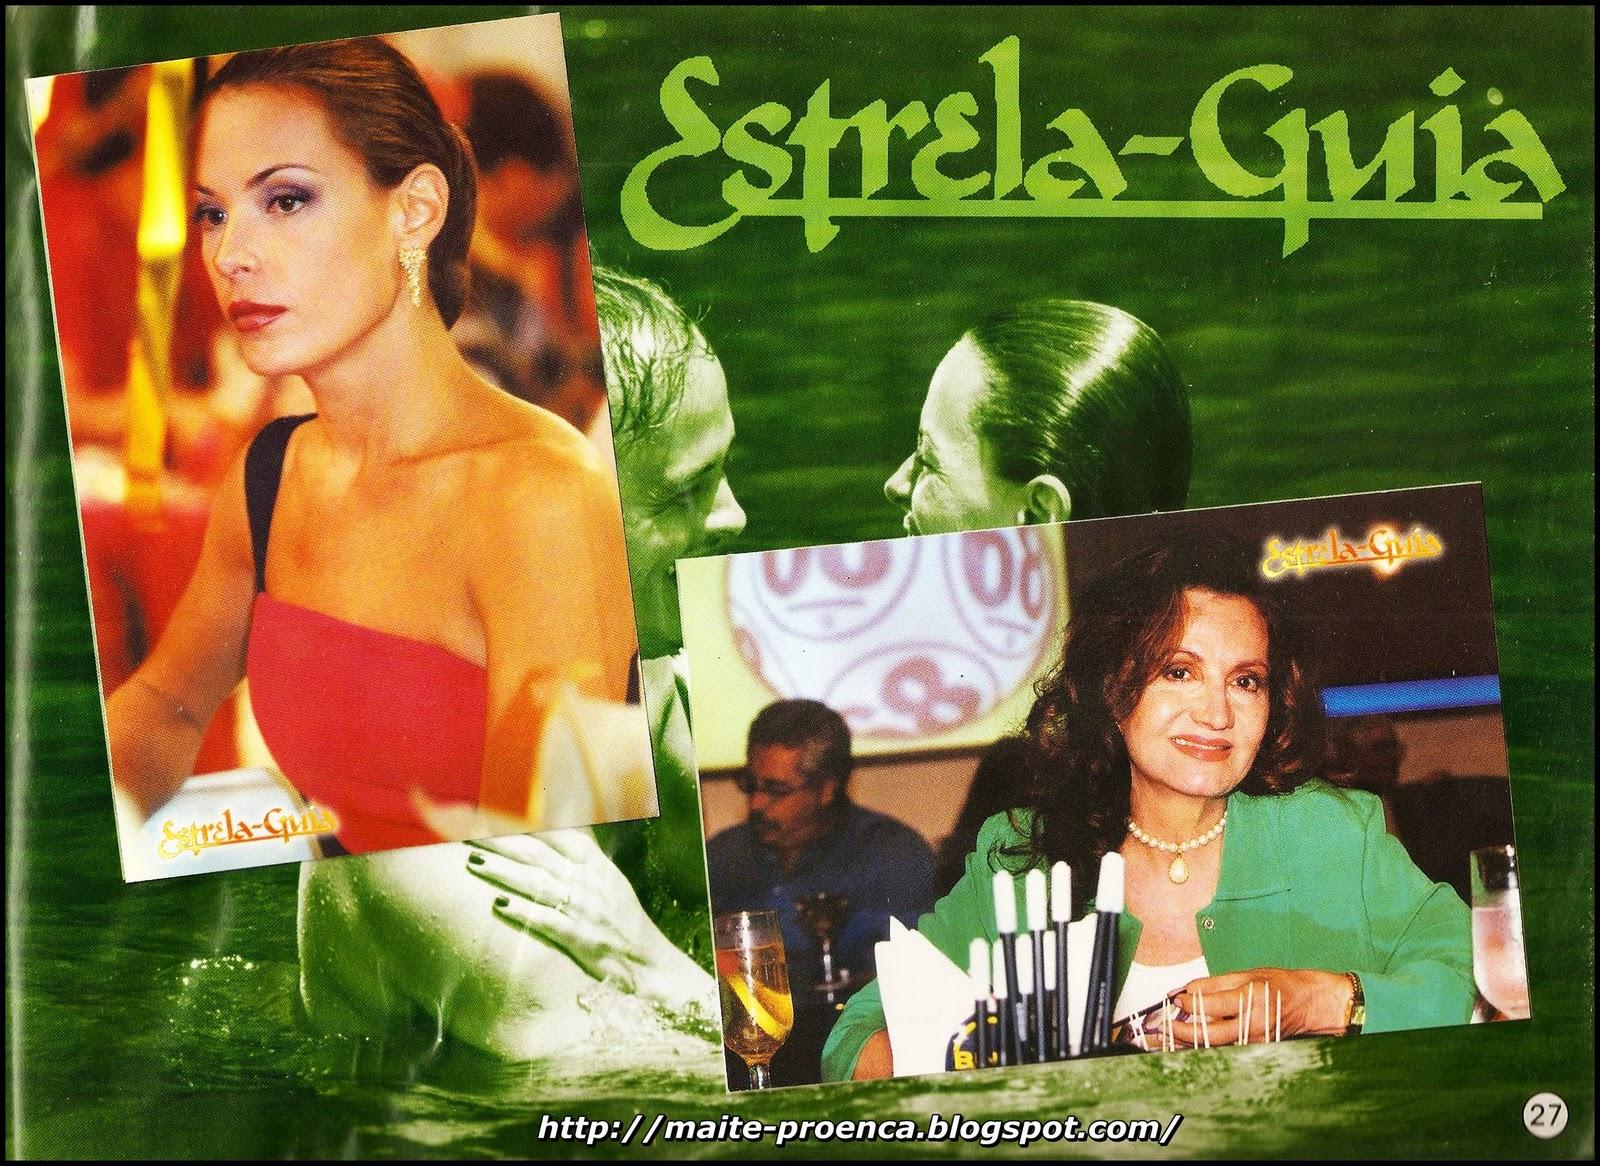 691+2001+Estrela+Guia+Album+(26).jpg